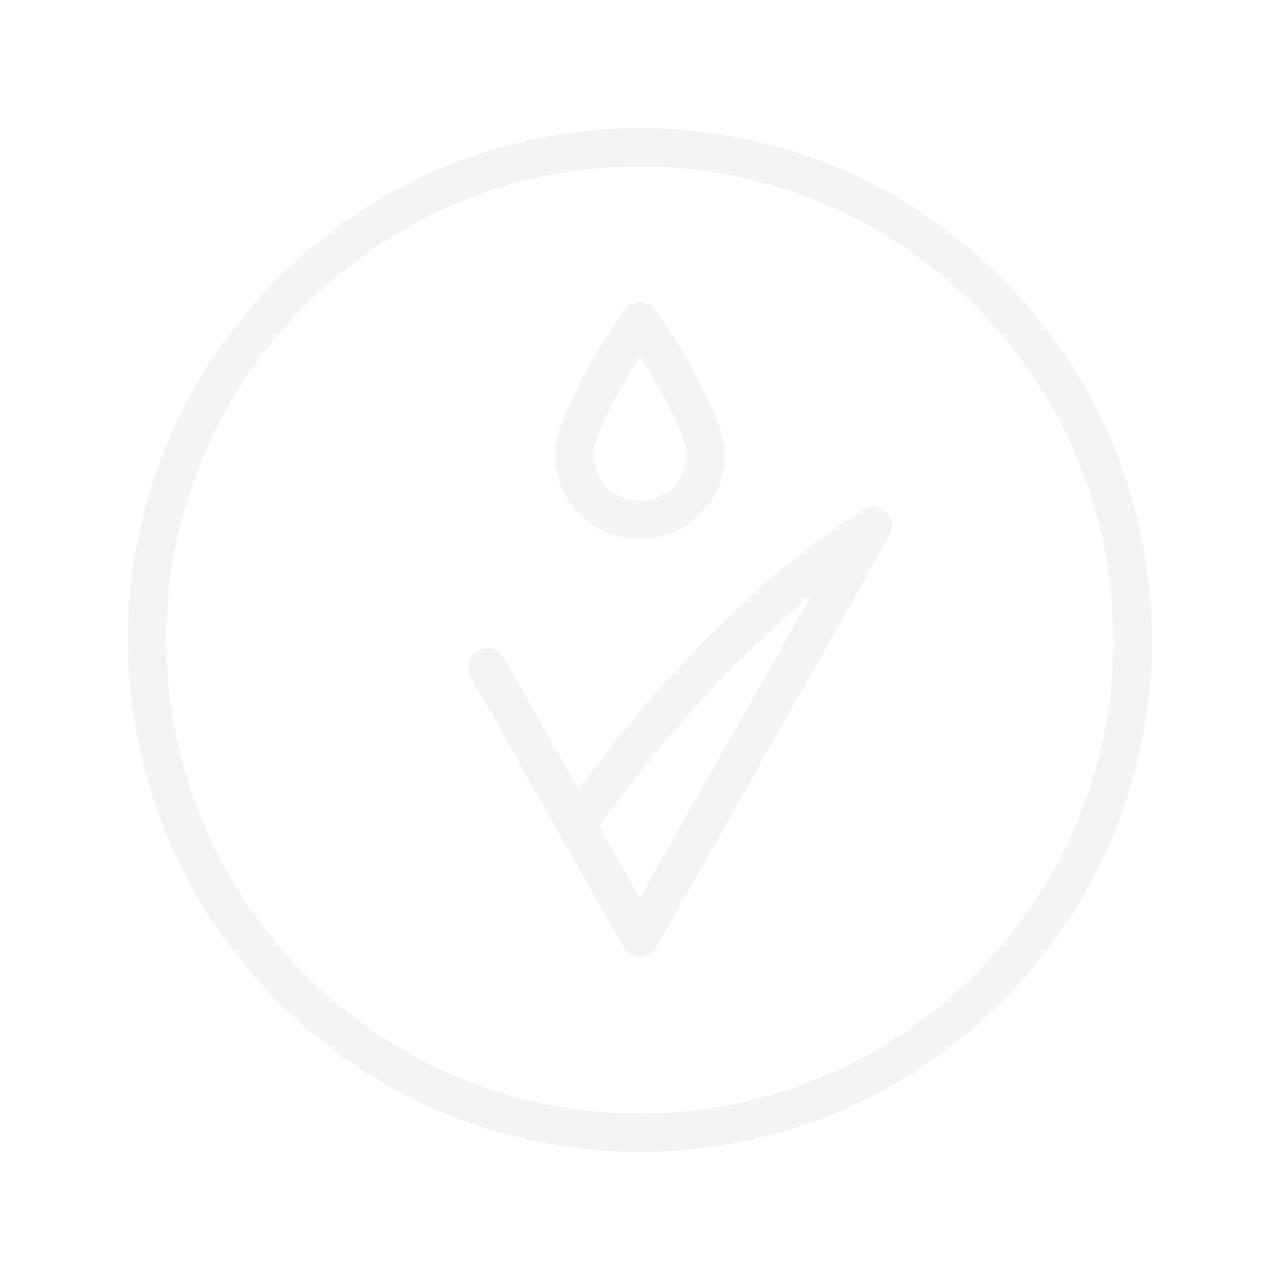 HOIA Golden Goddess Shimmer Body Whip 200ml